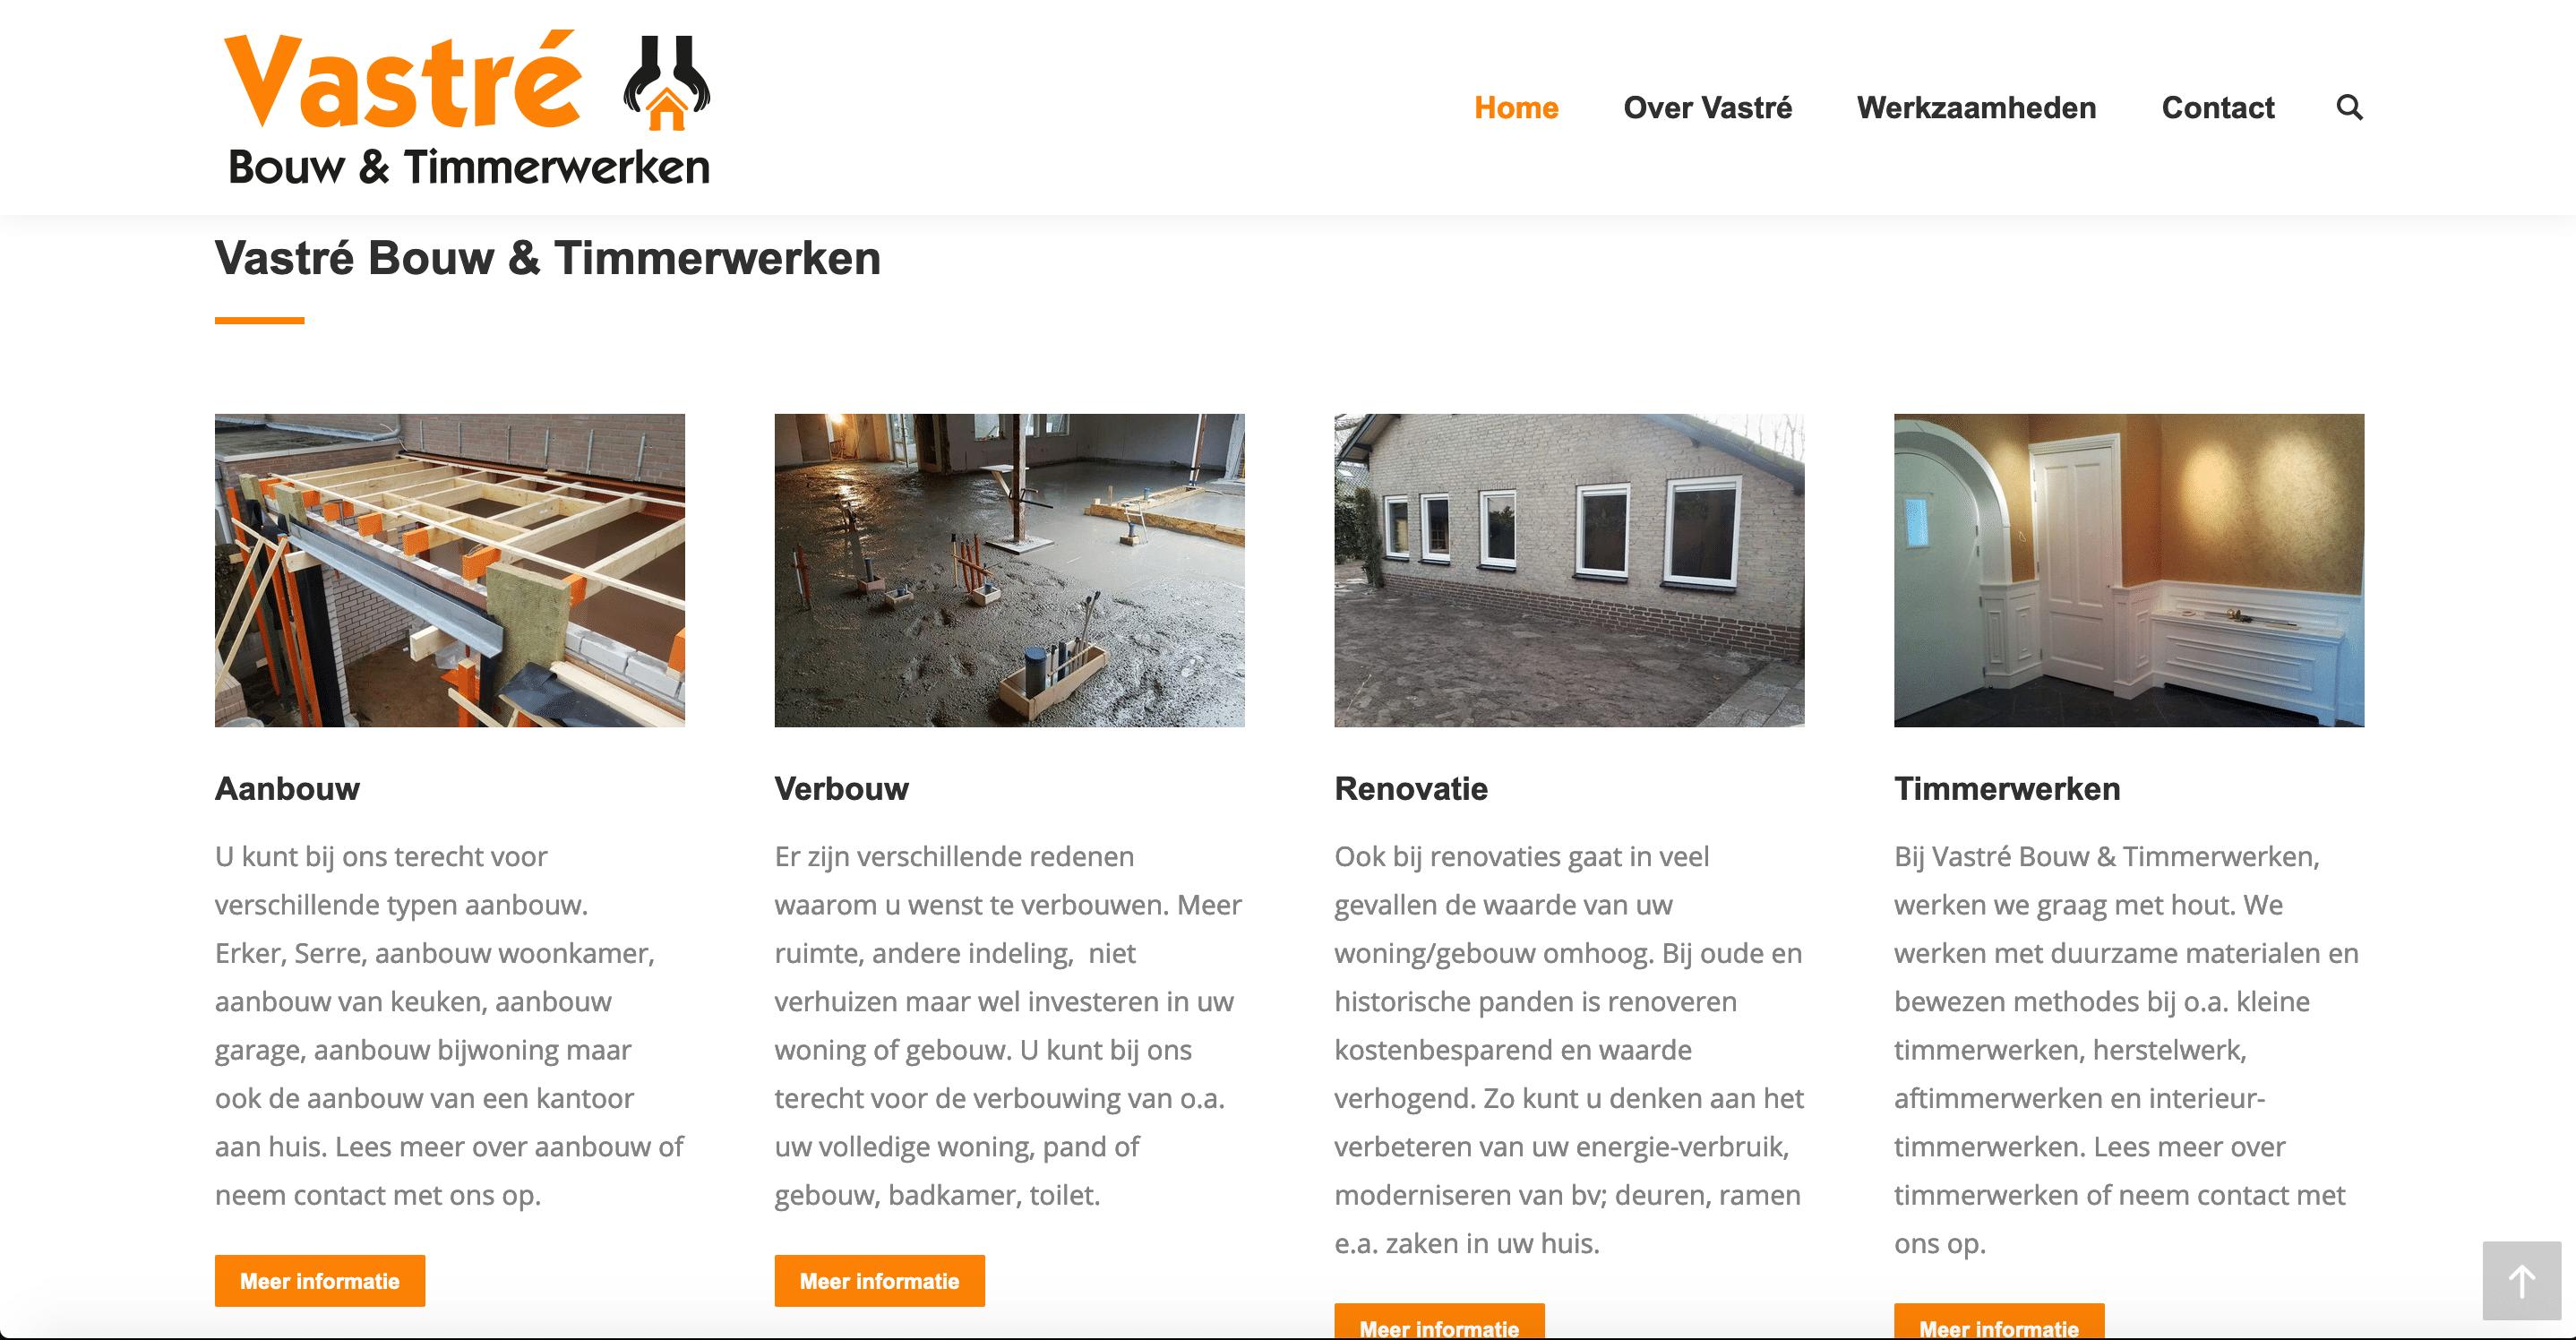 https://www.swopmedia.nl/project/website-voor-vastre-bouw-timmerwerken/